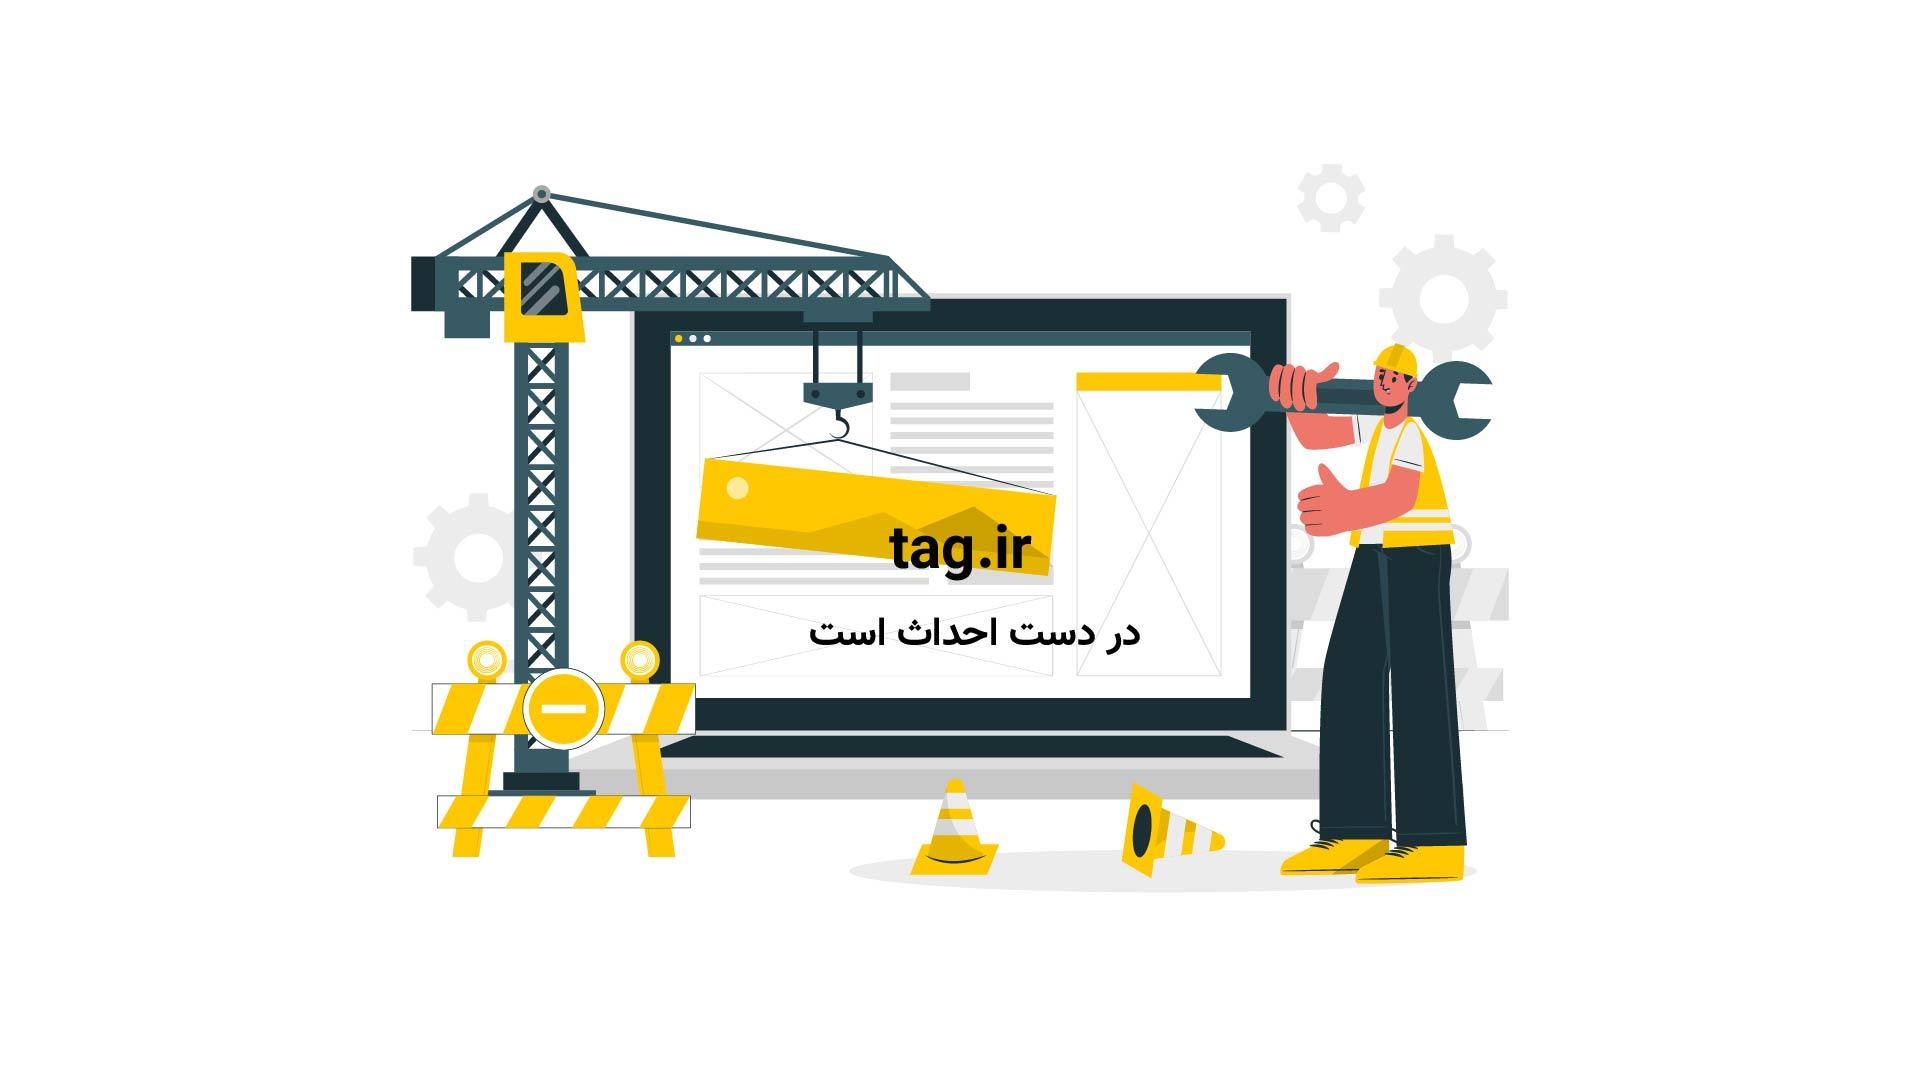 سخنرانی جدید ترامپ؛رياست جمهوري را به من بدهيد | فیلم